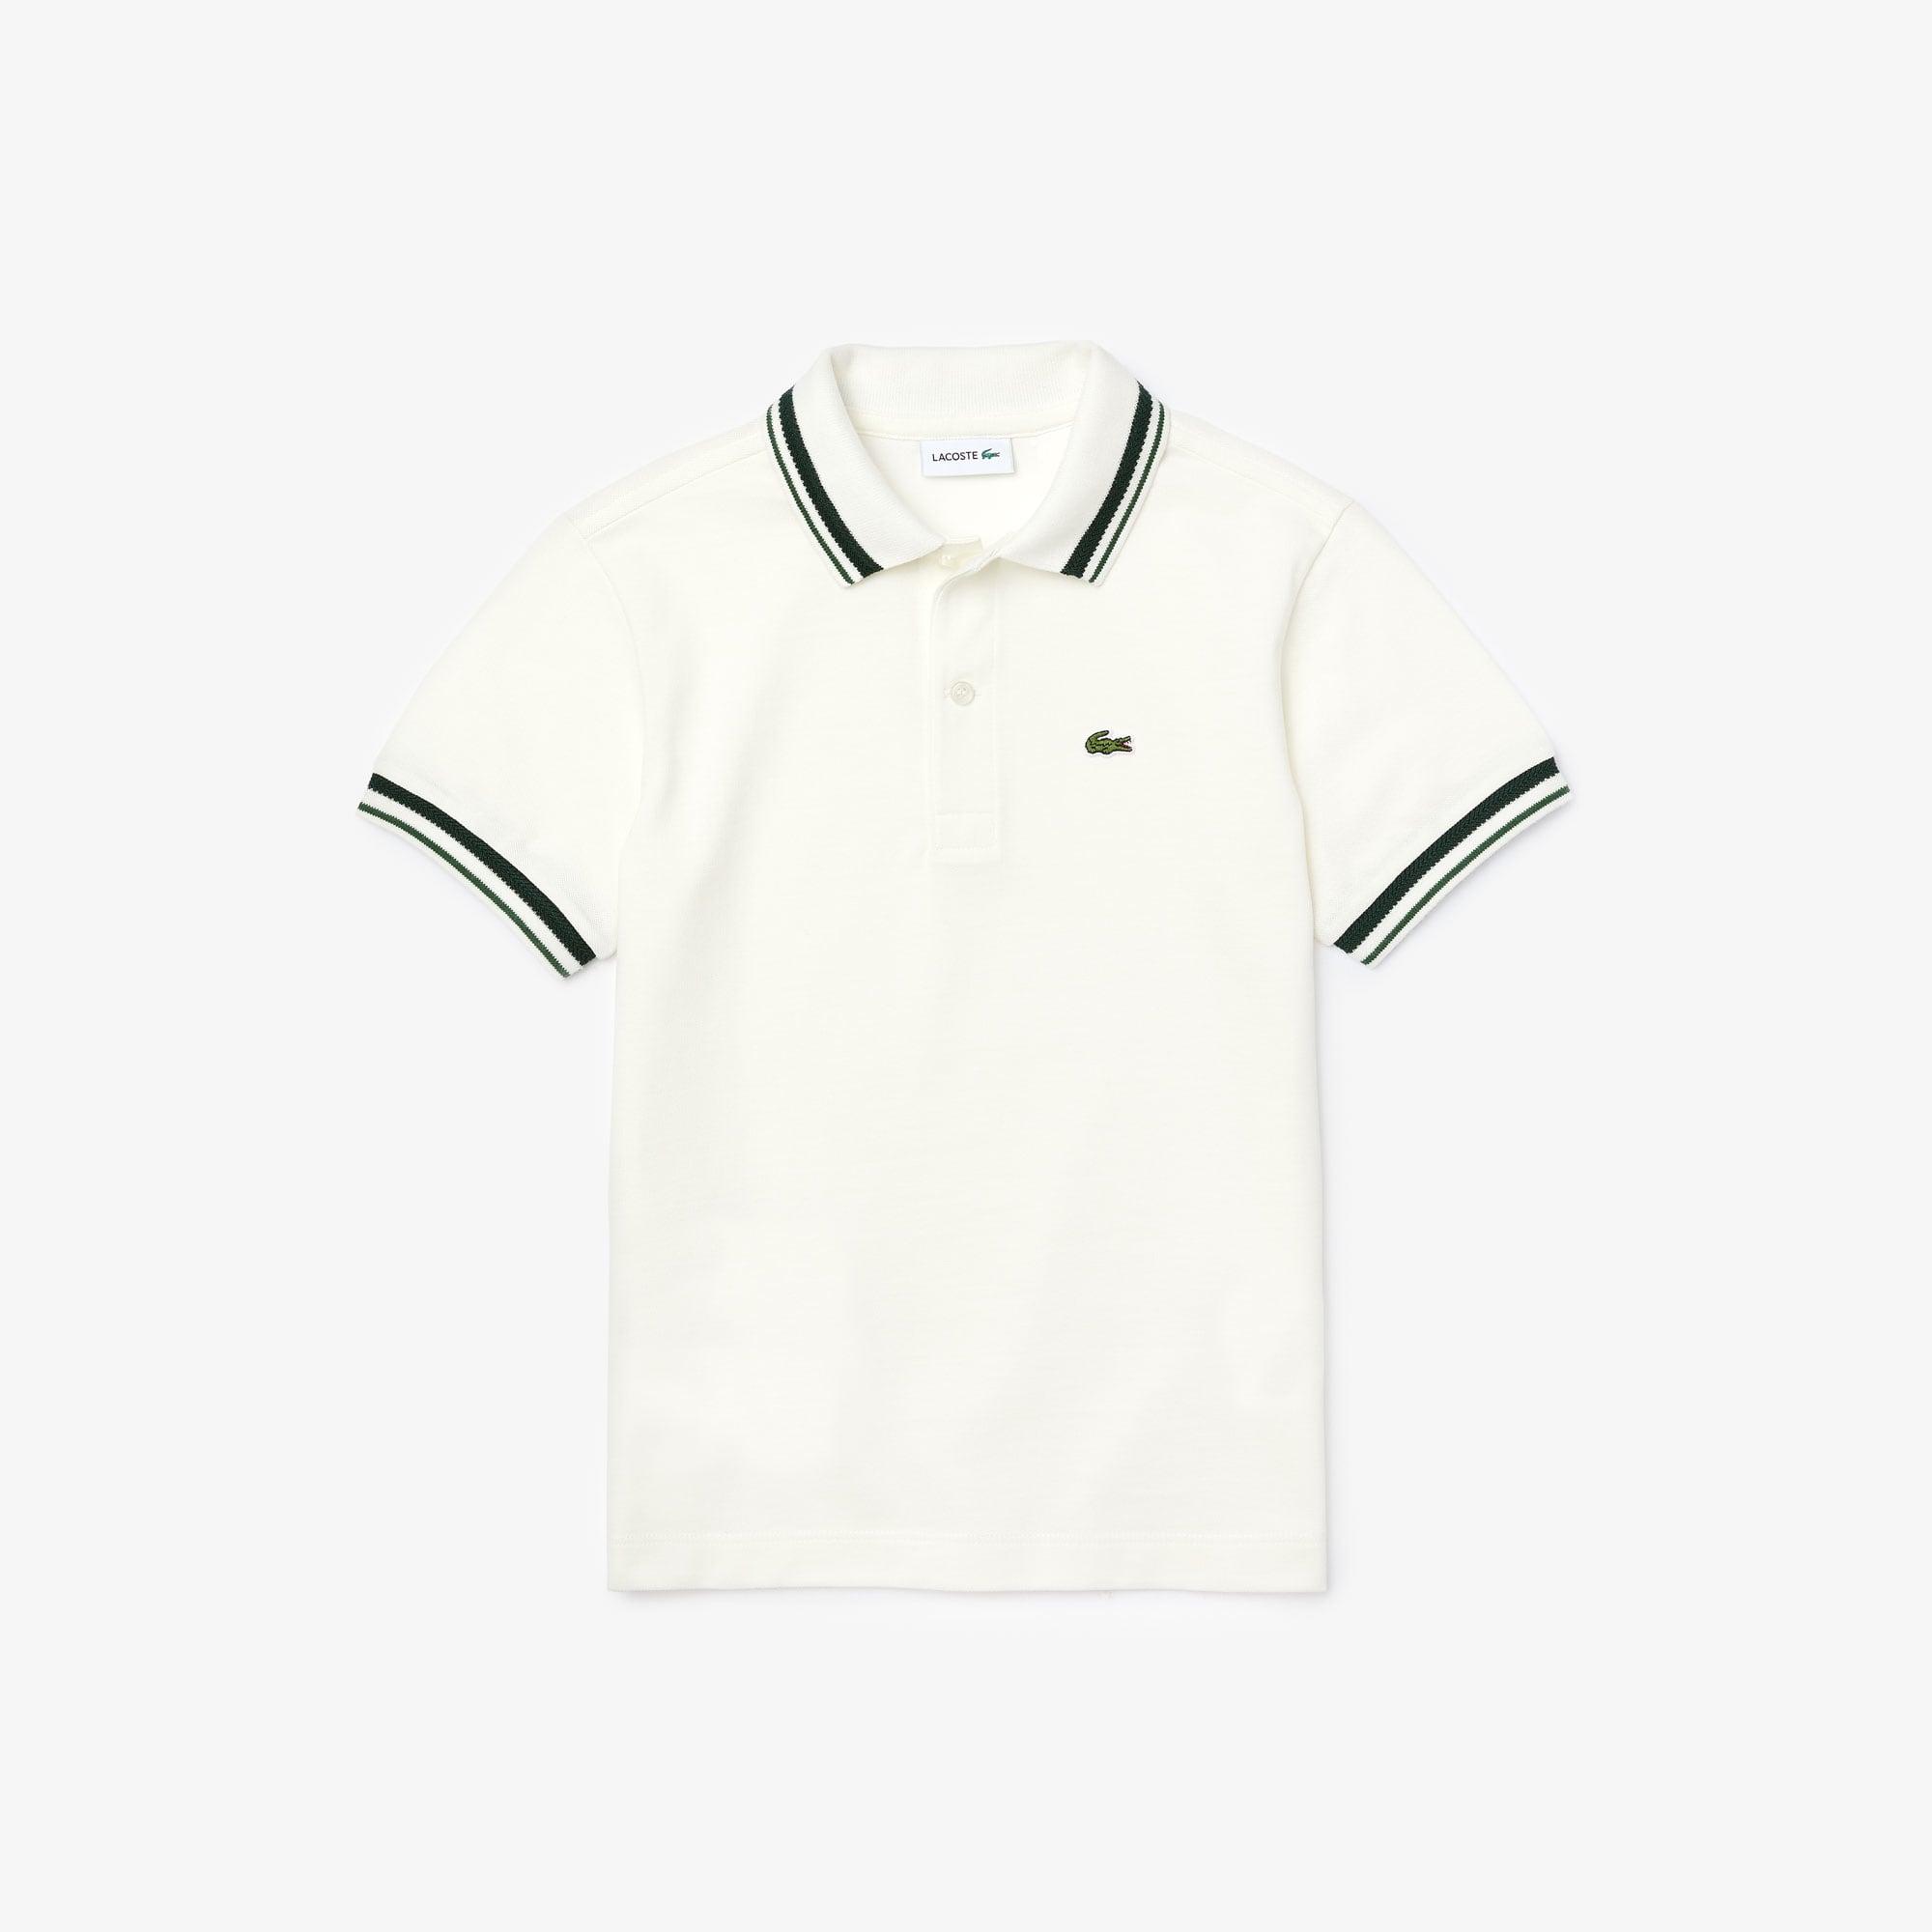 라코스테 Lacoste Boys Contrast Detail Cotton Pique Polo,White • 2CQ